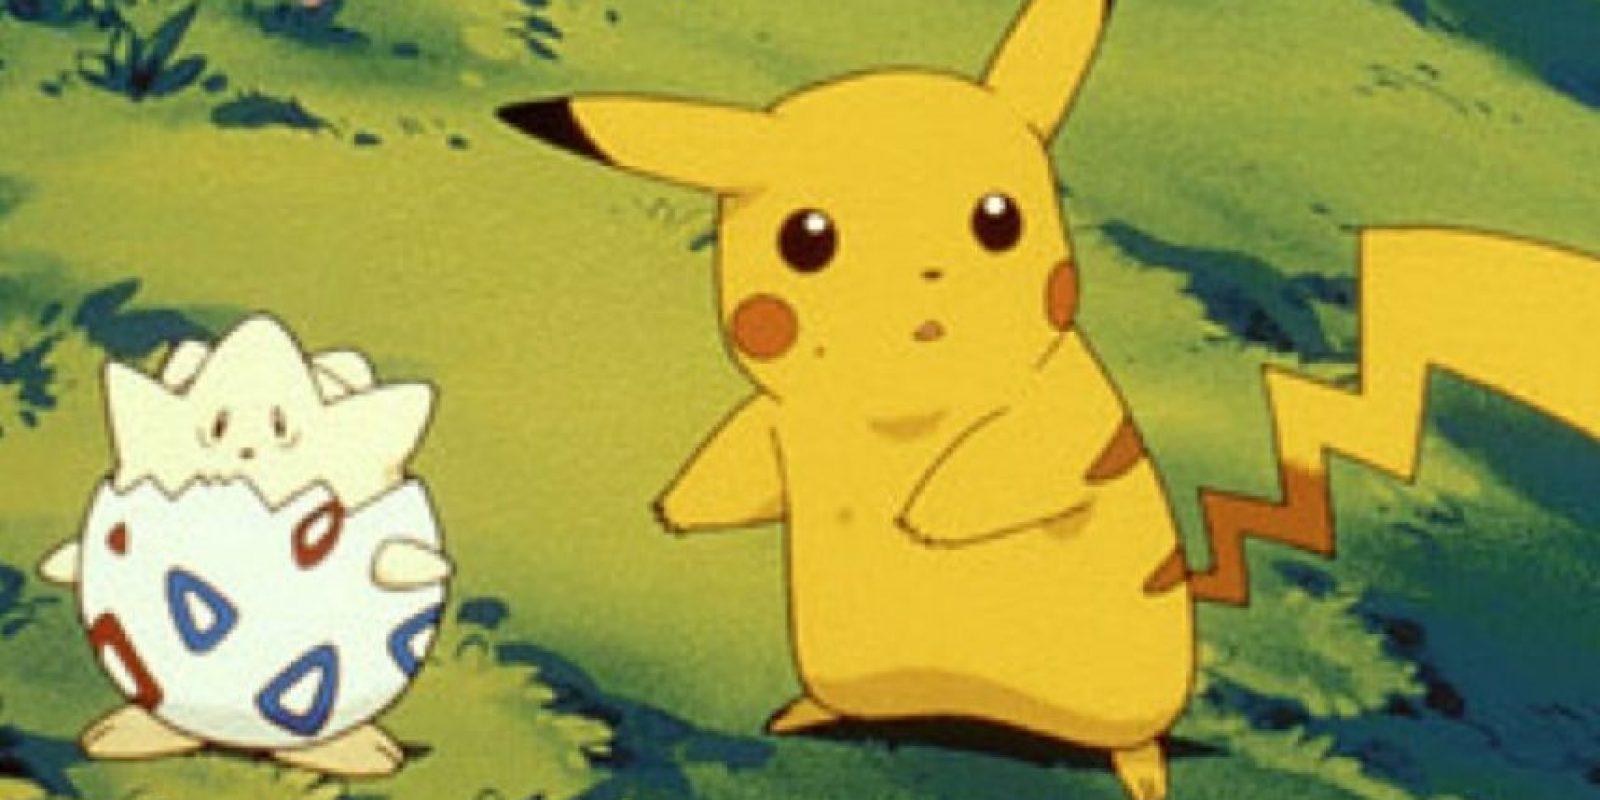 Pokemon fue criticado por años por episodios de convulsiones y supuestos símbolos satánicos. Foto:Nintendo